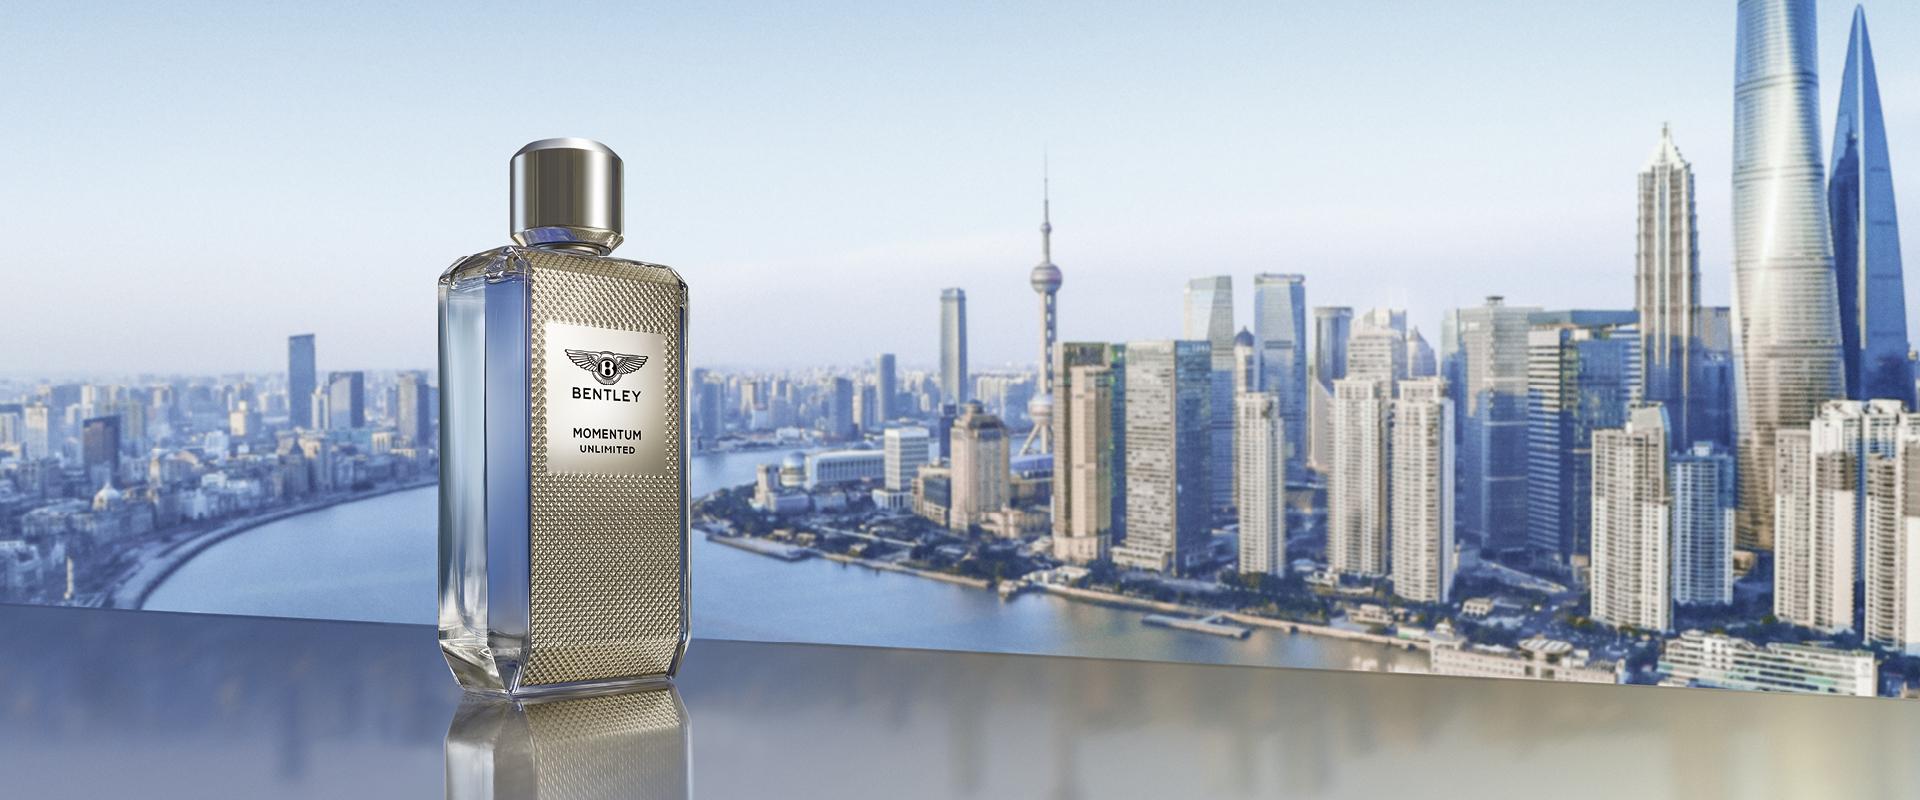 Bentley Fragrances | Bentley Momentum Unlimited